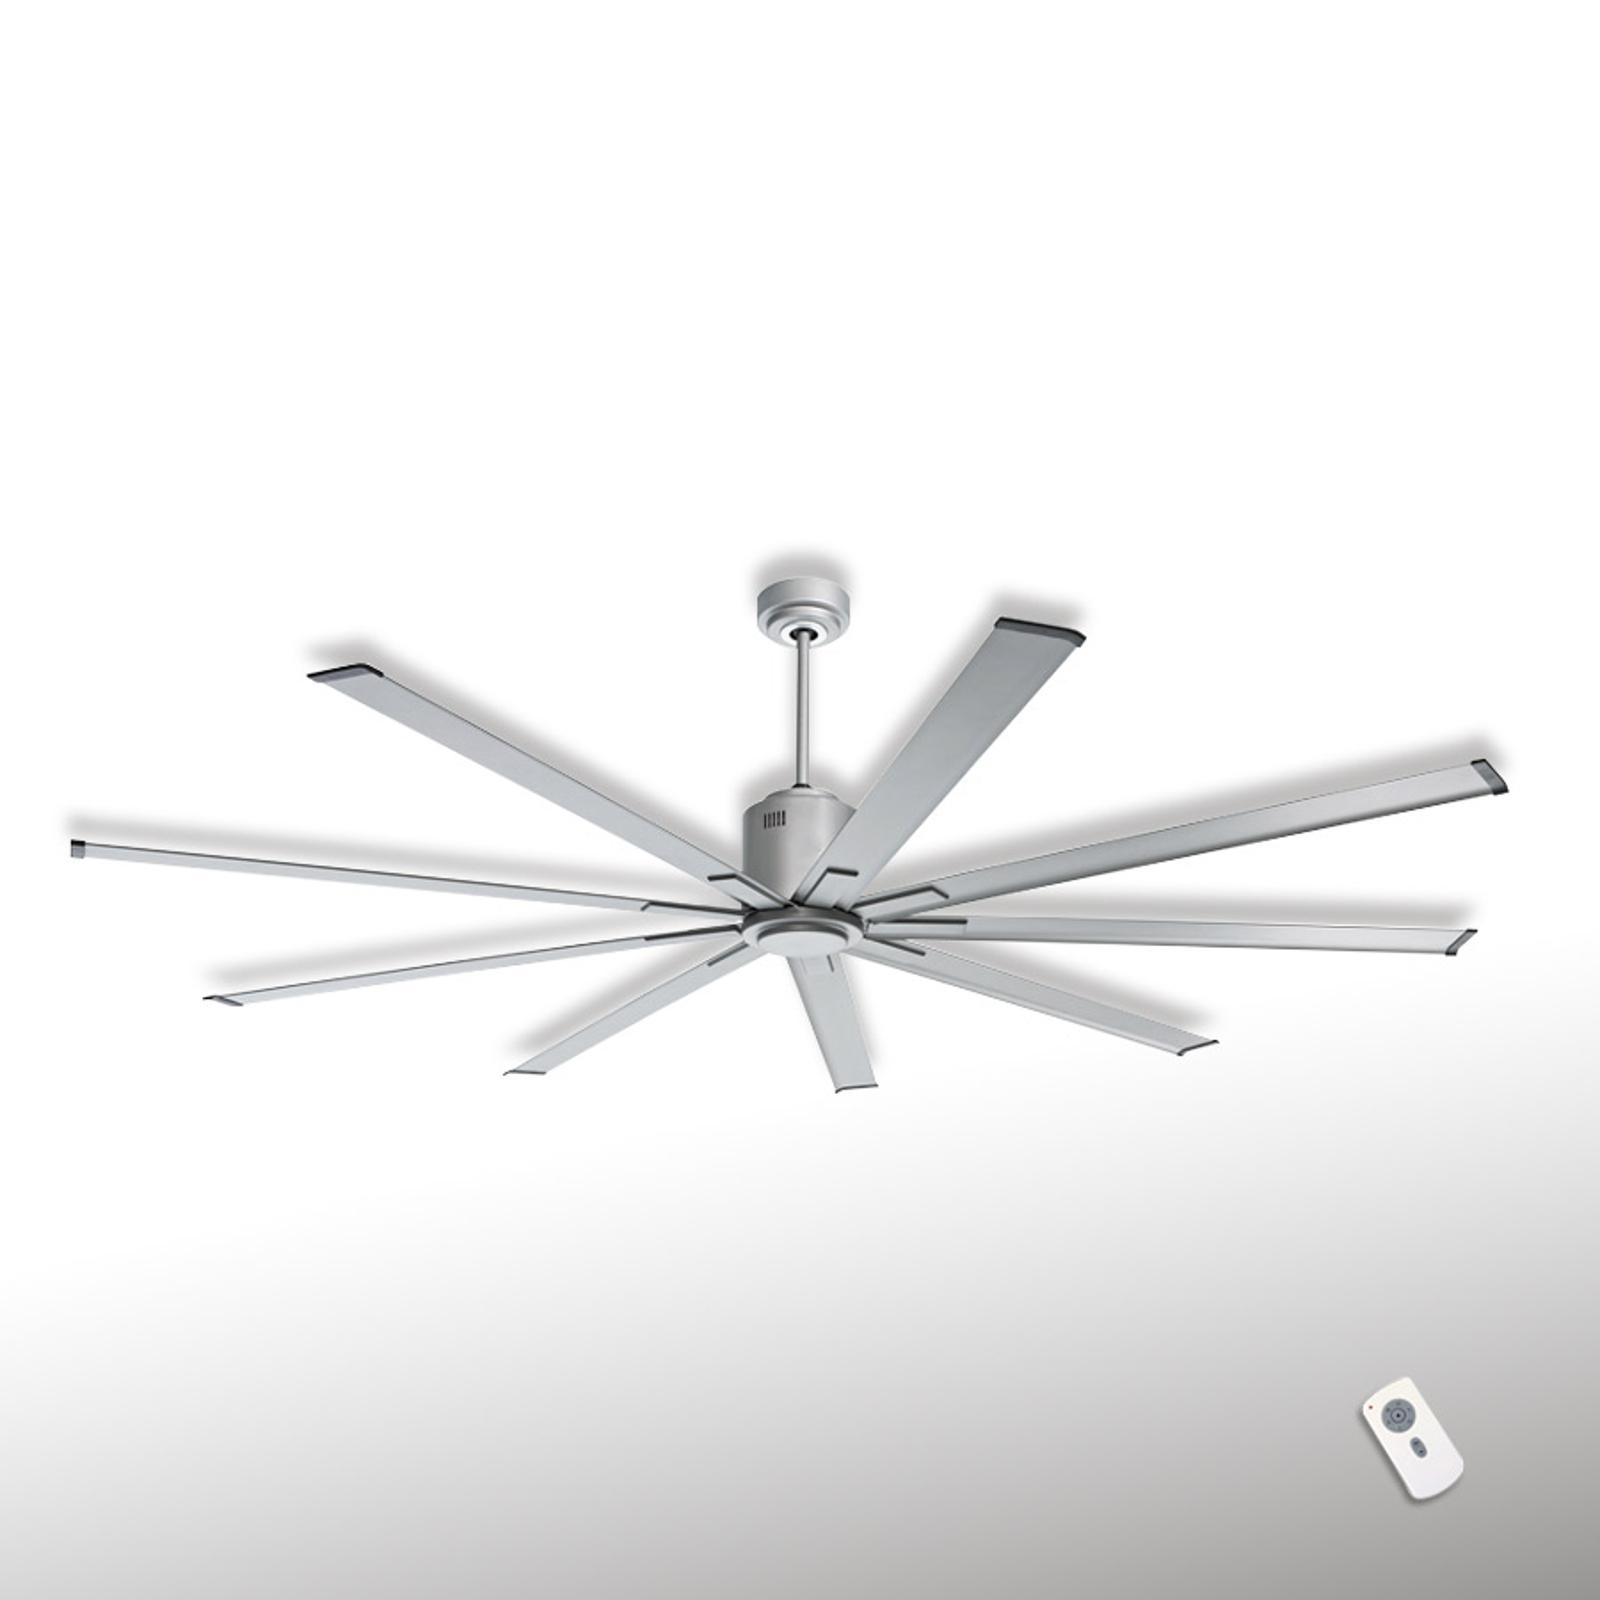 Ventilátor Big Smooth Eco 220 cm titán-striebro